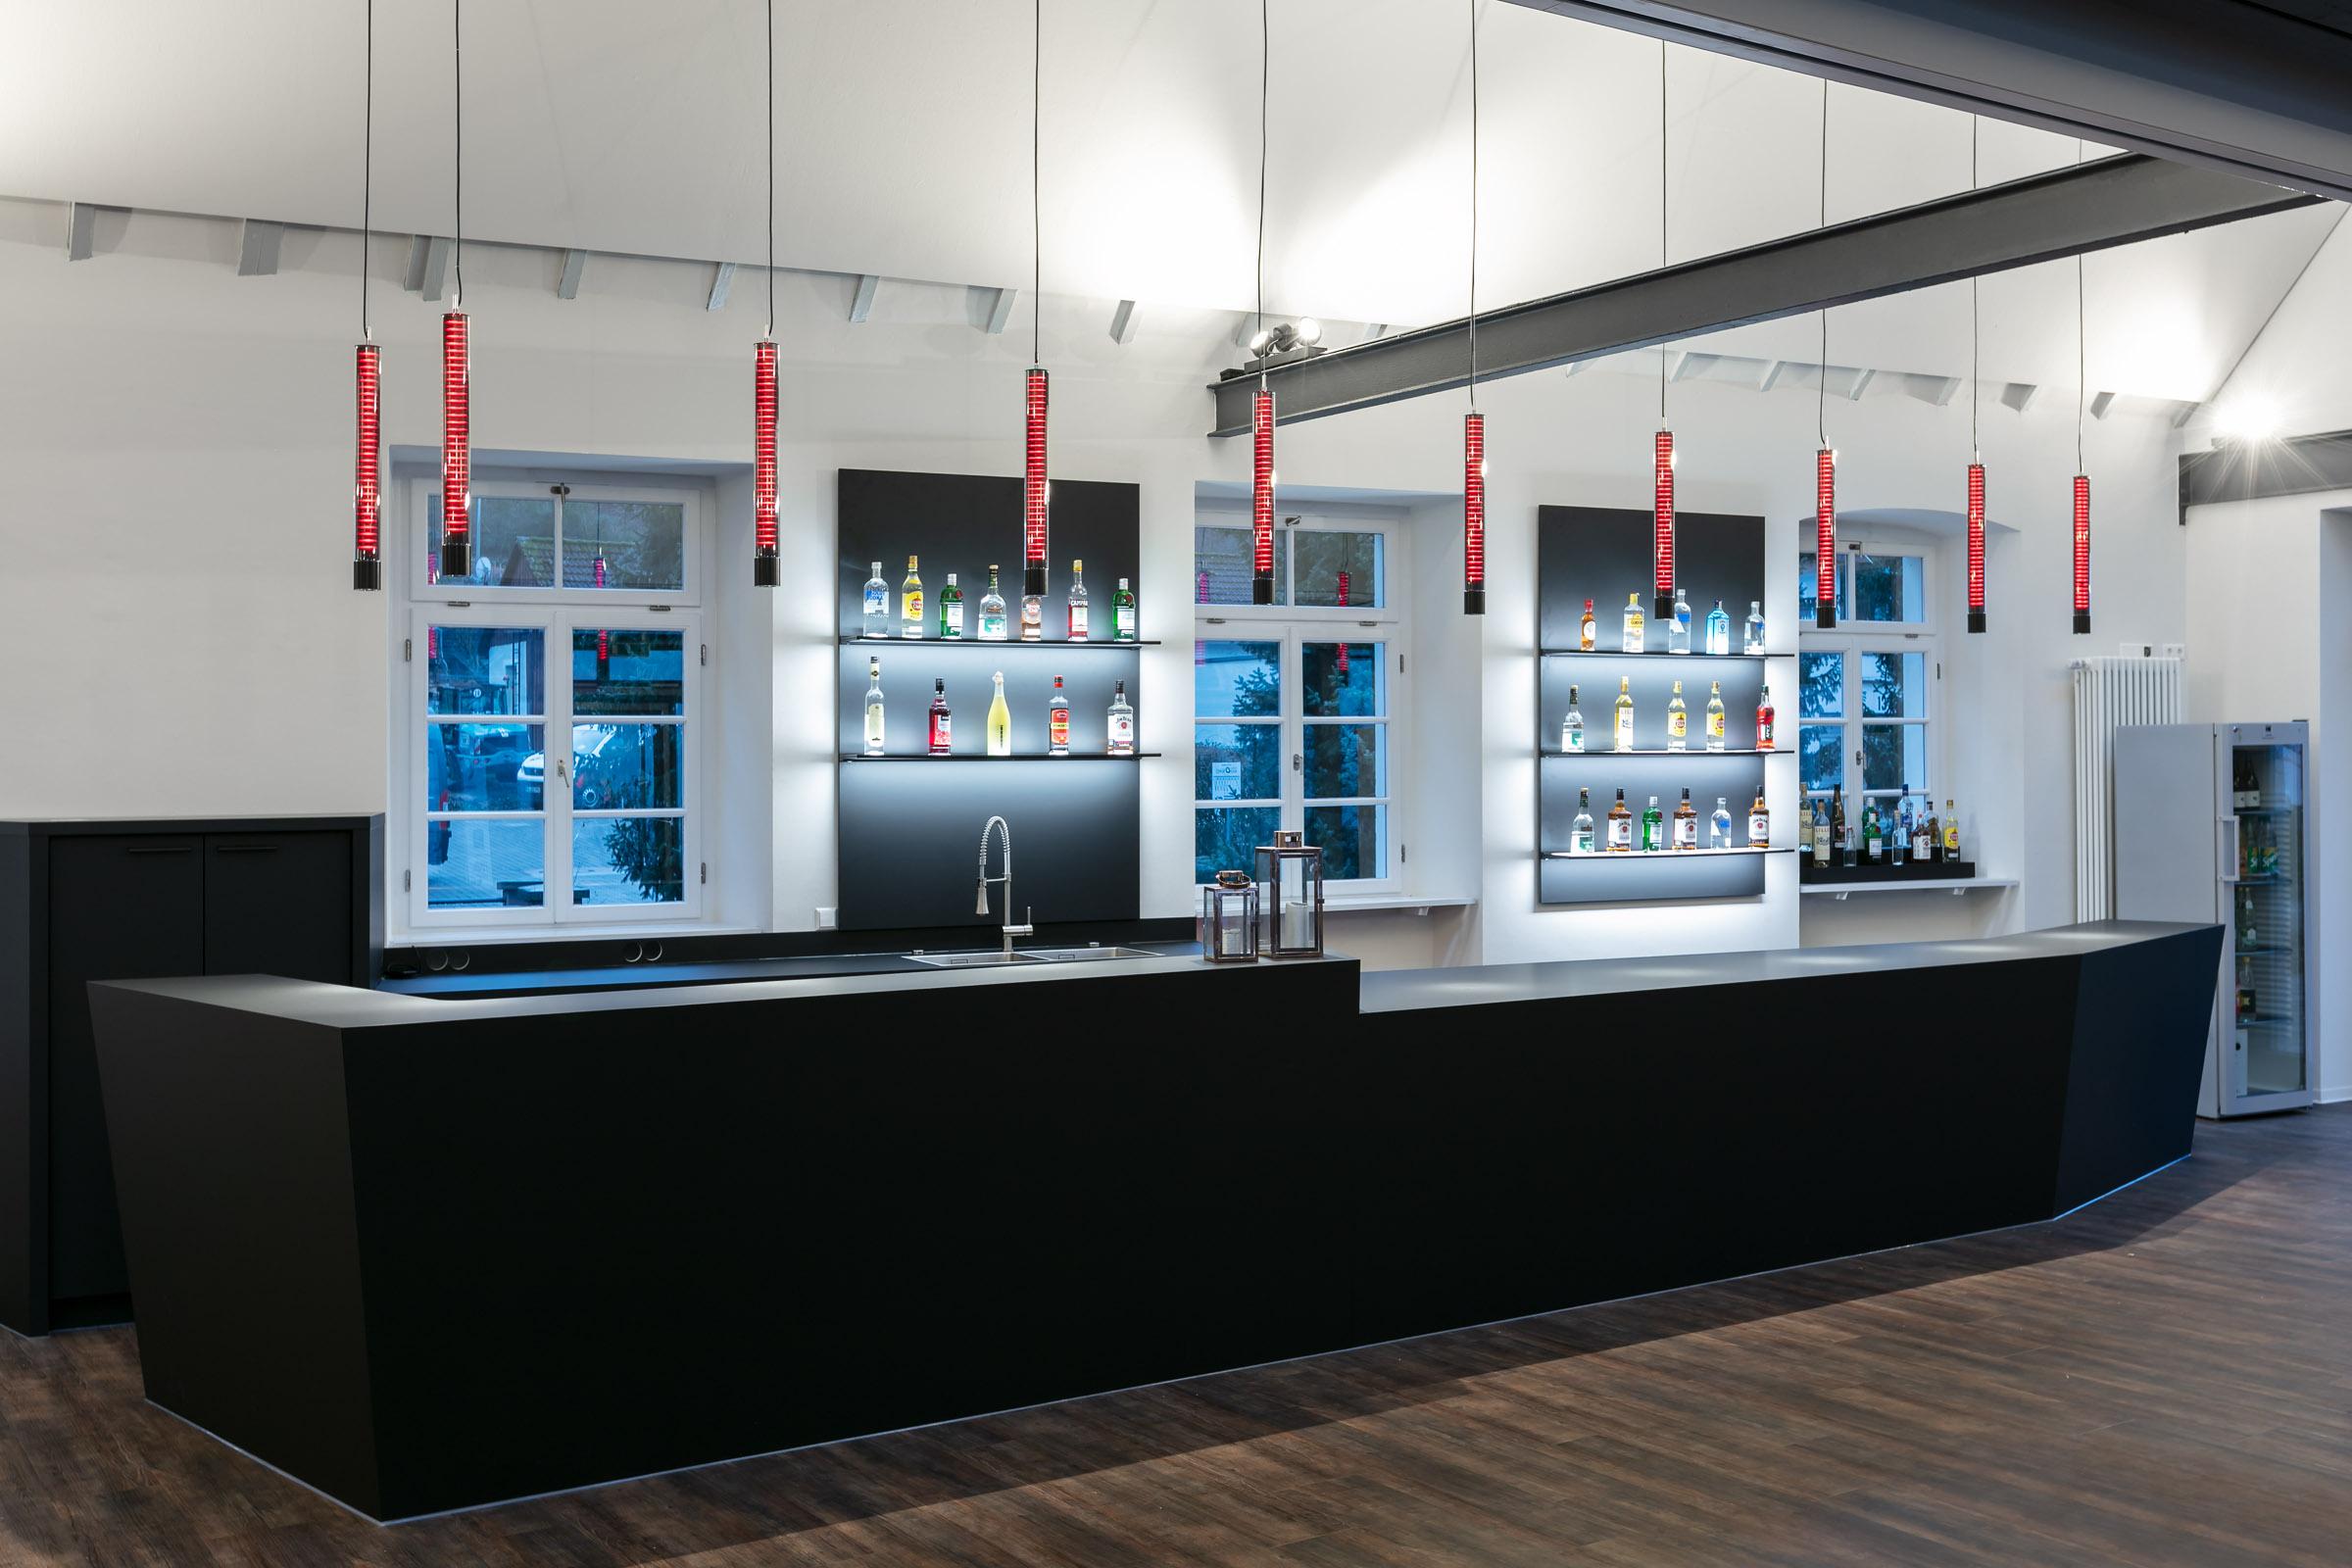 Rot leuchtende Glashängeleuchgten über einer schwarzen Bar